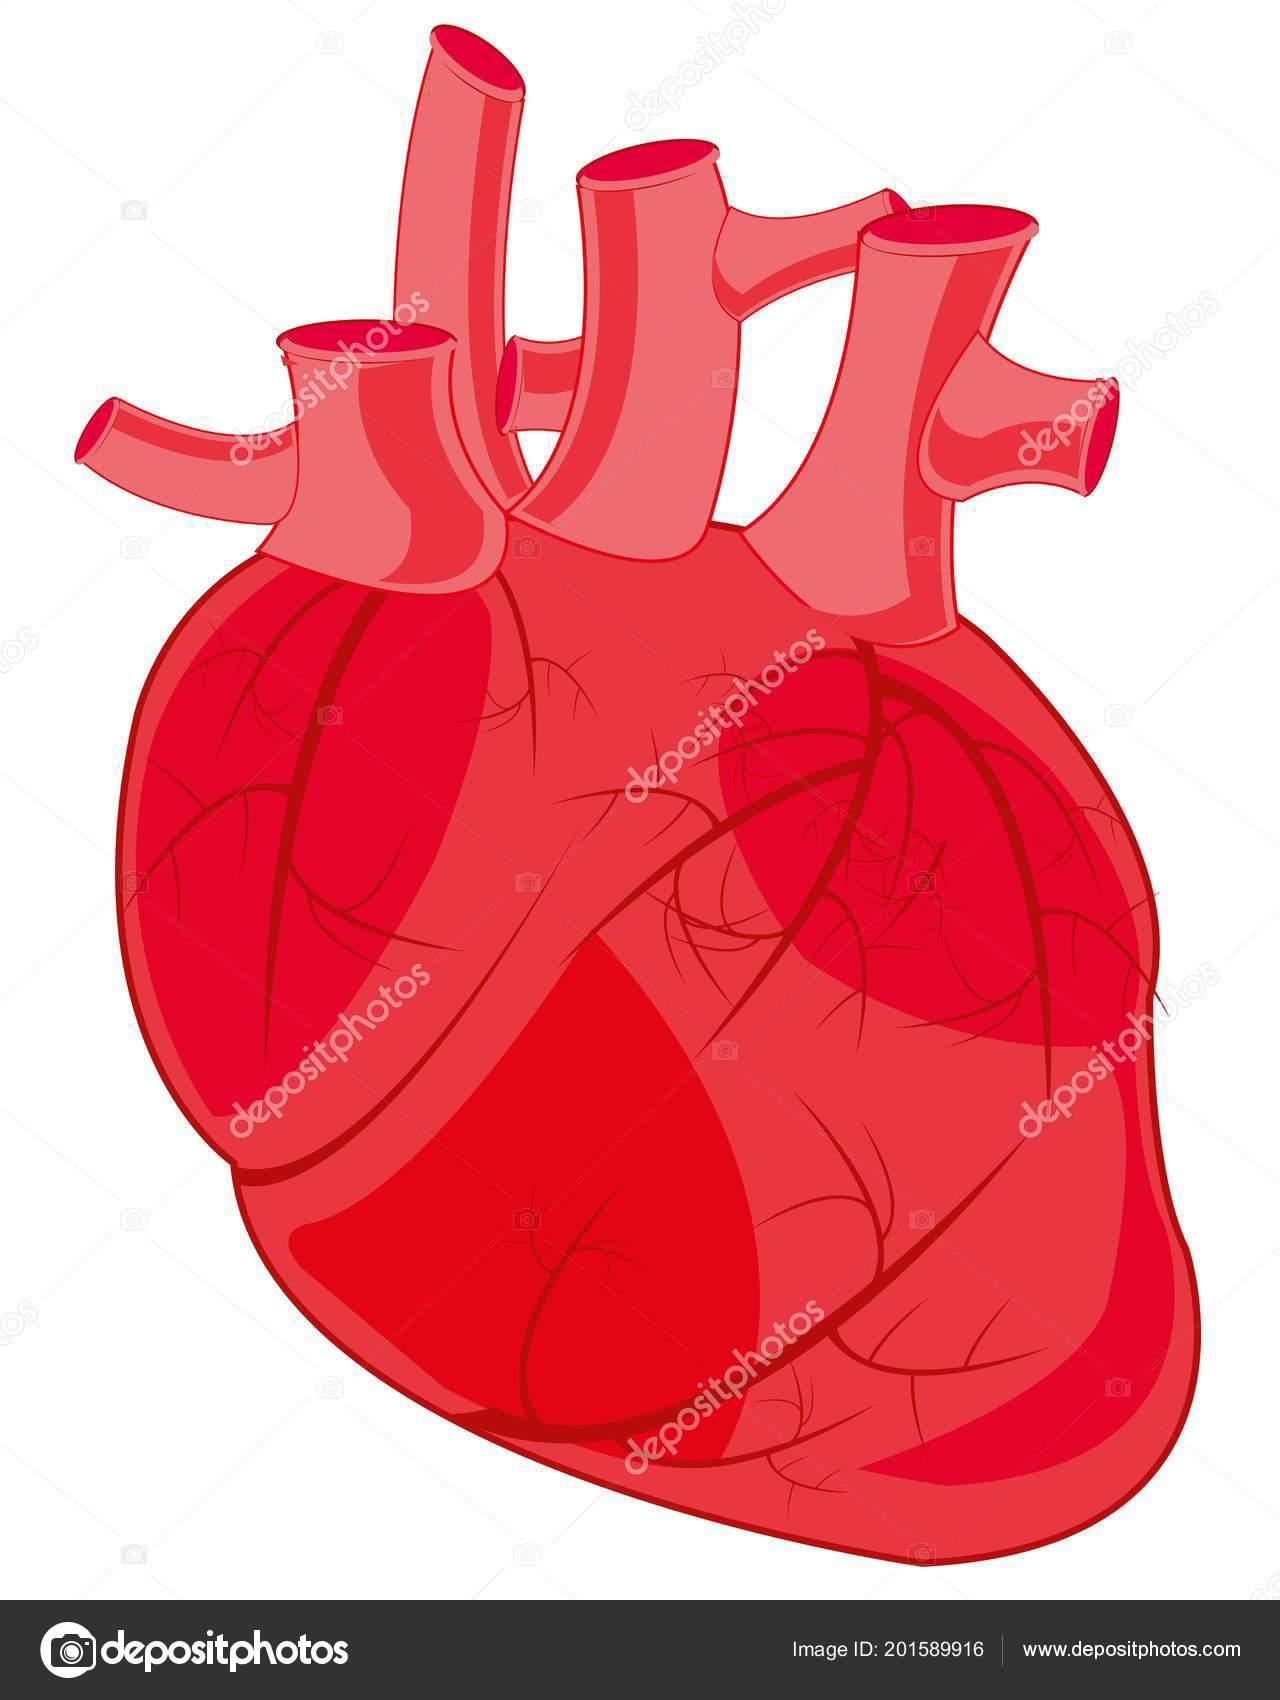 Internal organ of the person heart vetores de stock cobol1964 internal organ of the person heart vetores de stock ccuart Gallery